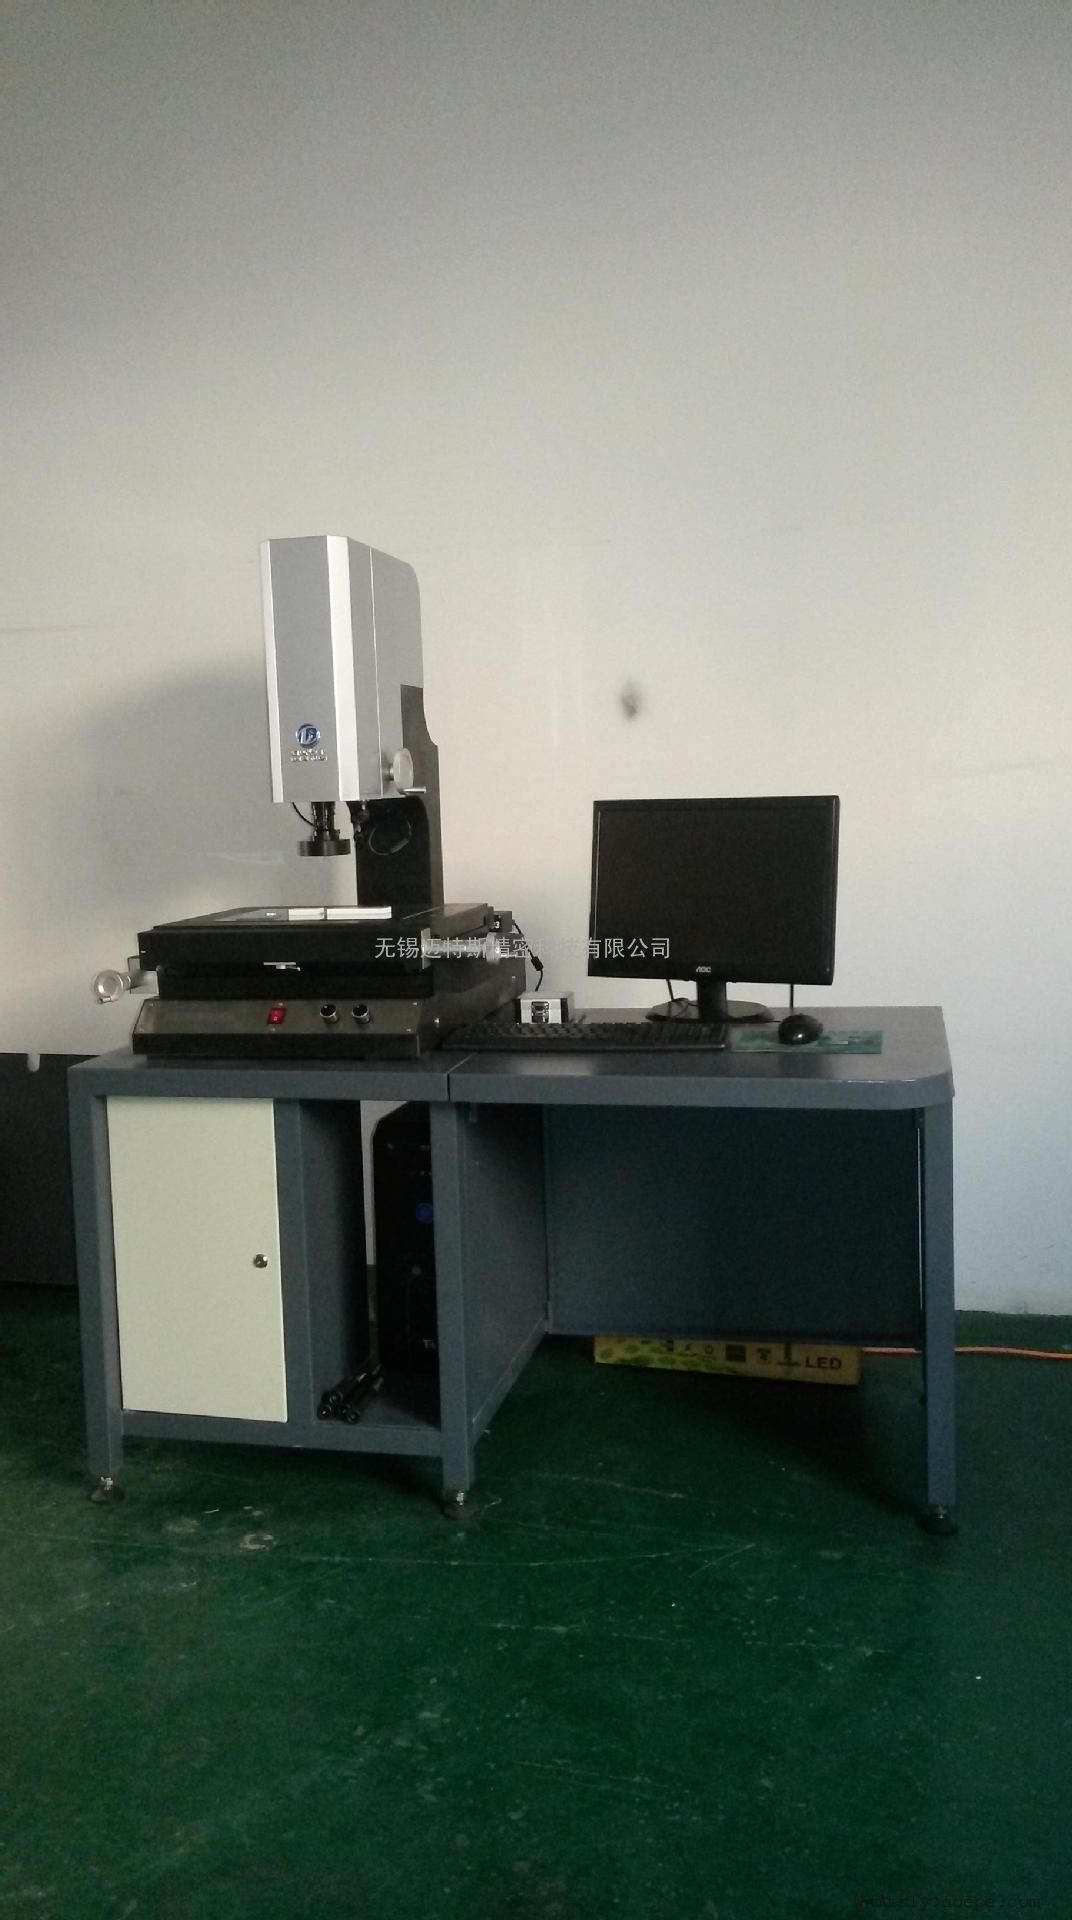 无锡BSTR-4030二次元影像测量仪